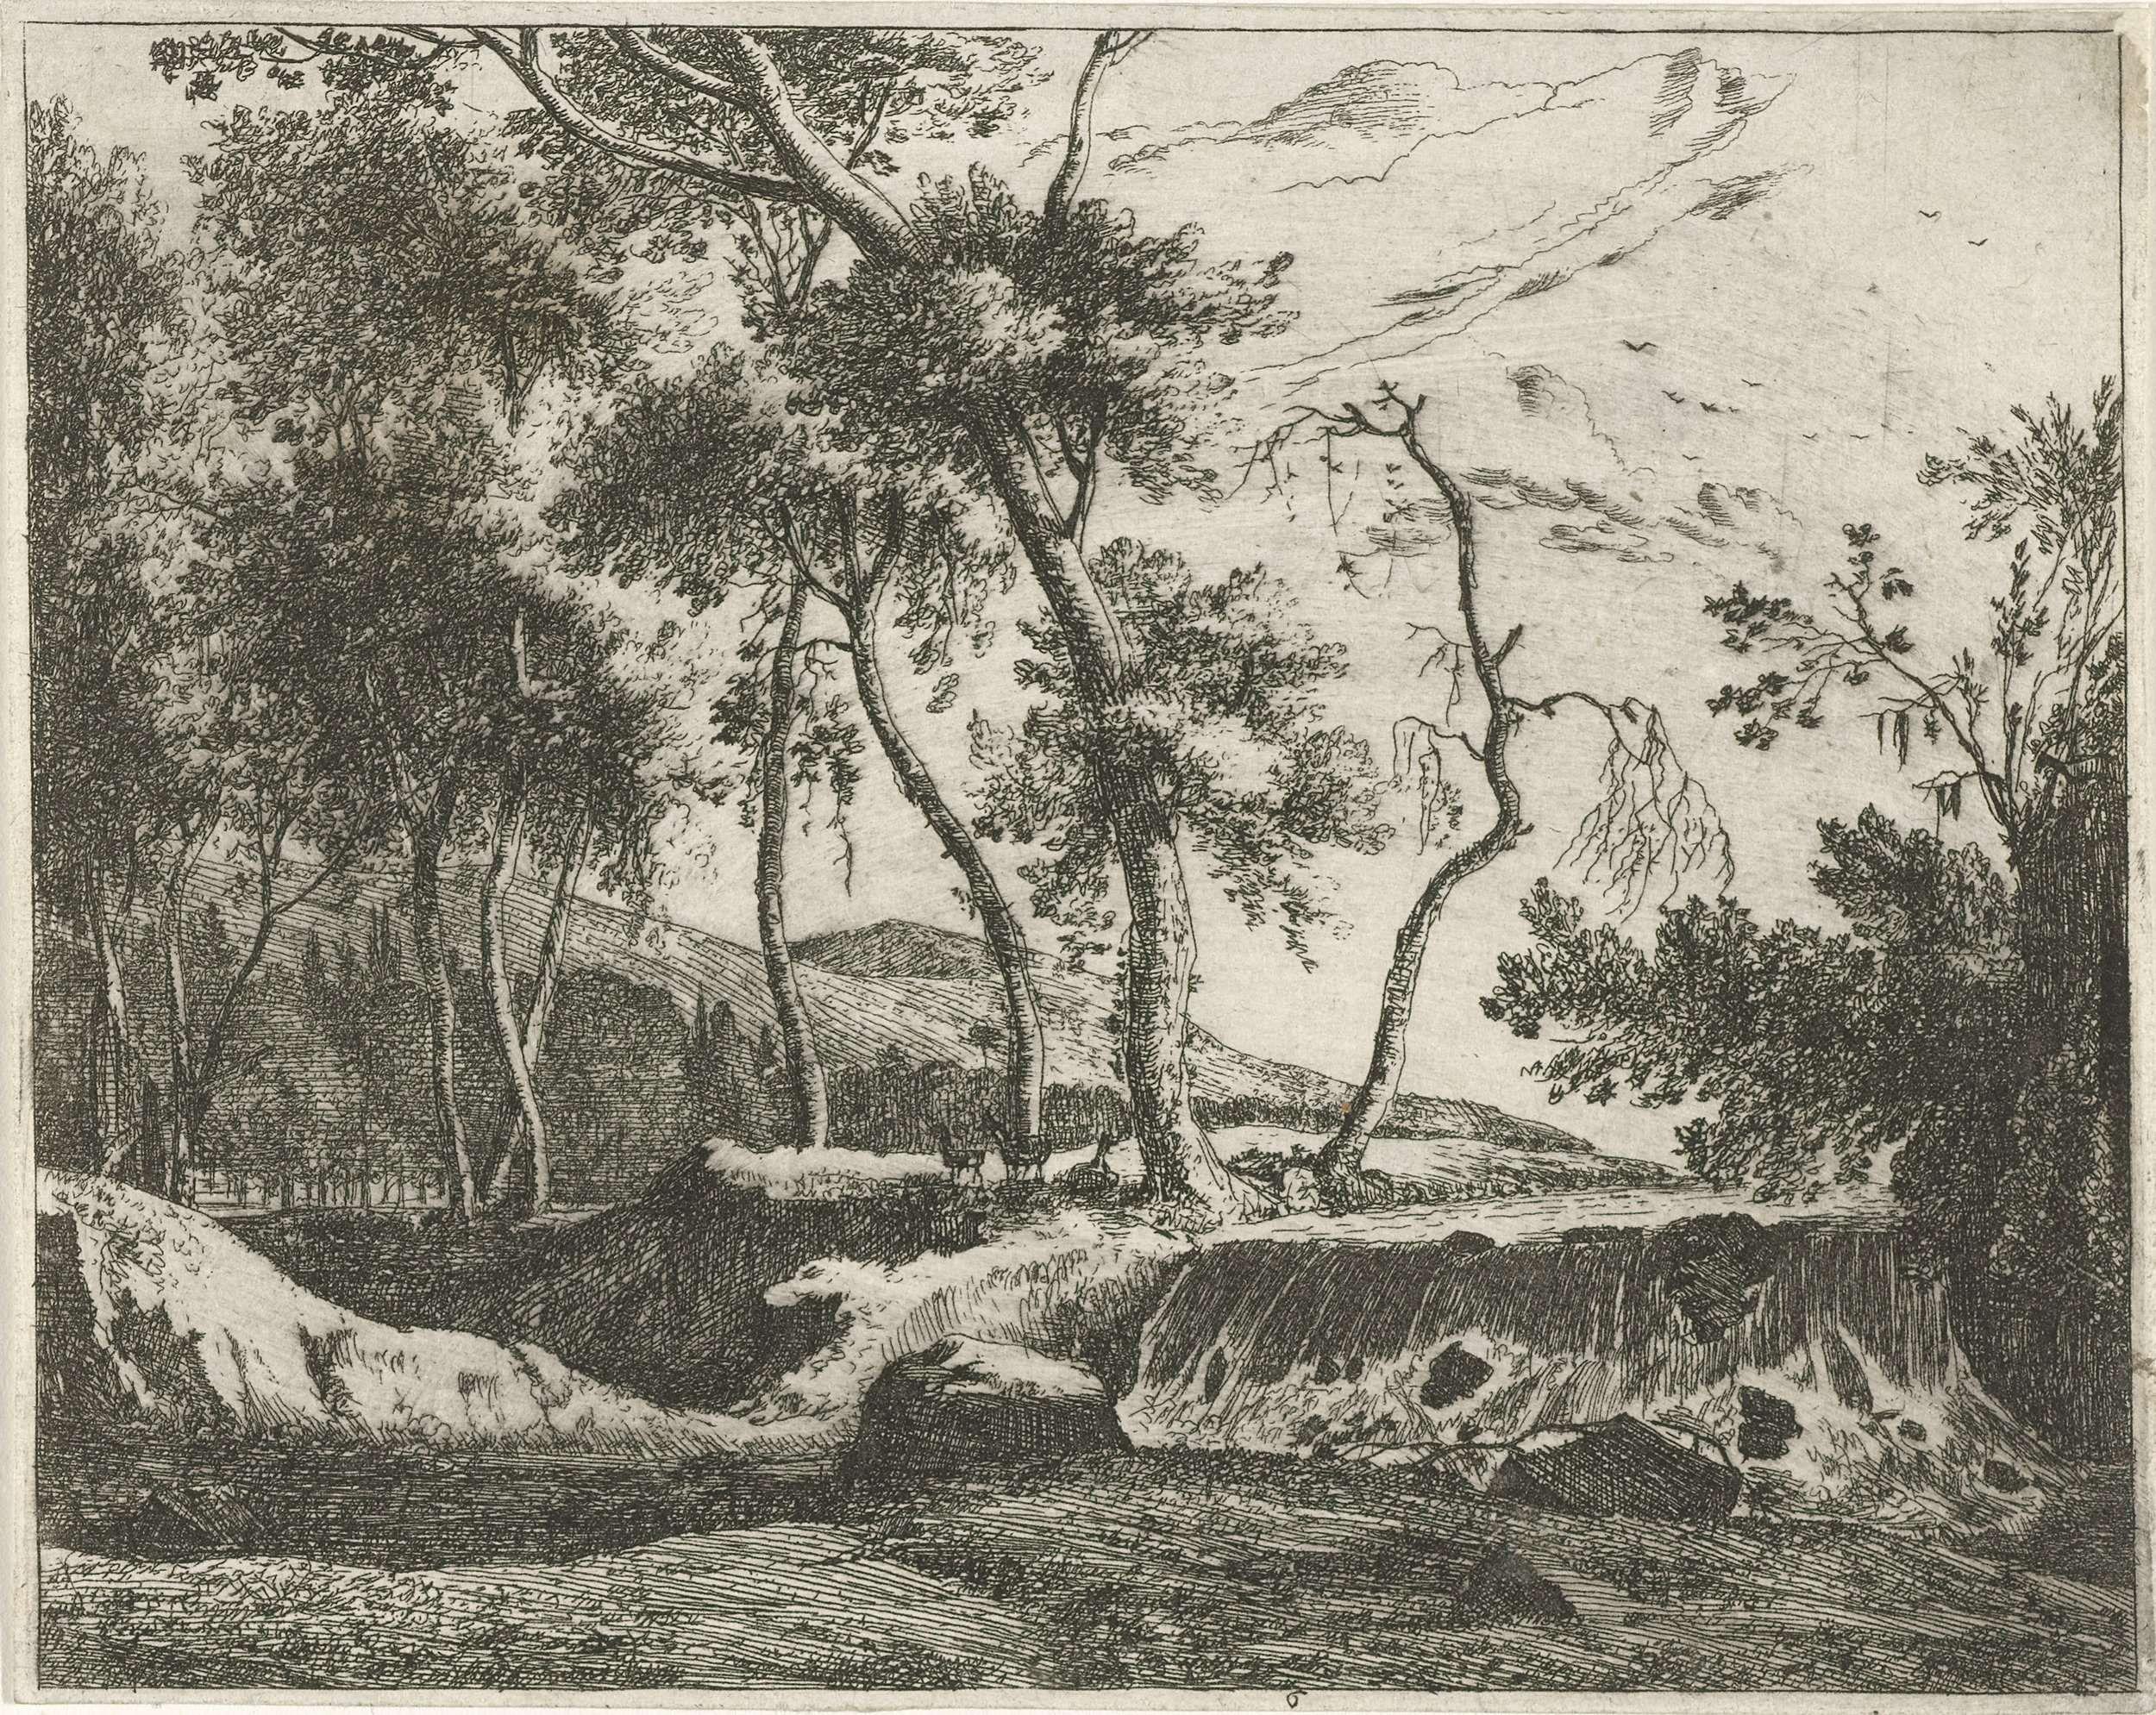 Roelant Roghman | Waterval, Roelant Roghman, 1637 - 1692 | Gezicht op een waterval in Tirol. Naast de waterval drie herten en op de achtergrond heuvels. Prent uit een serie van acht prenten met Tiroolse landschappen.